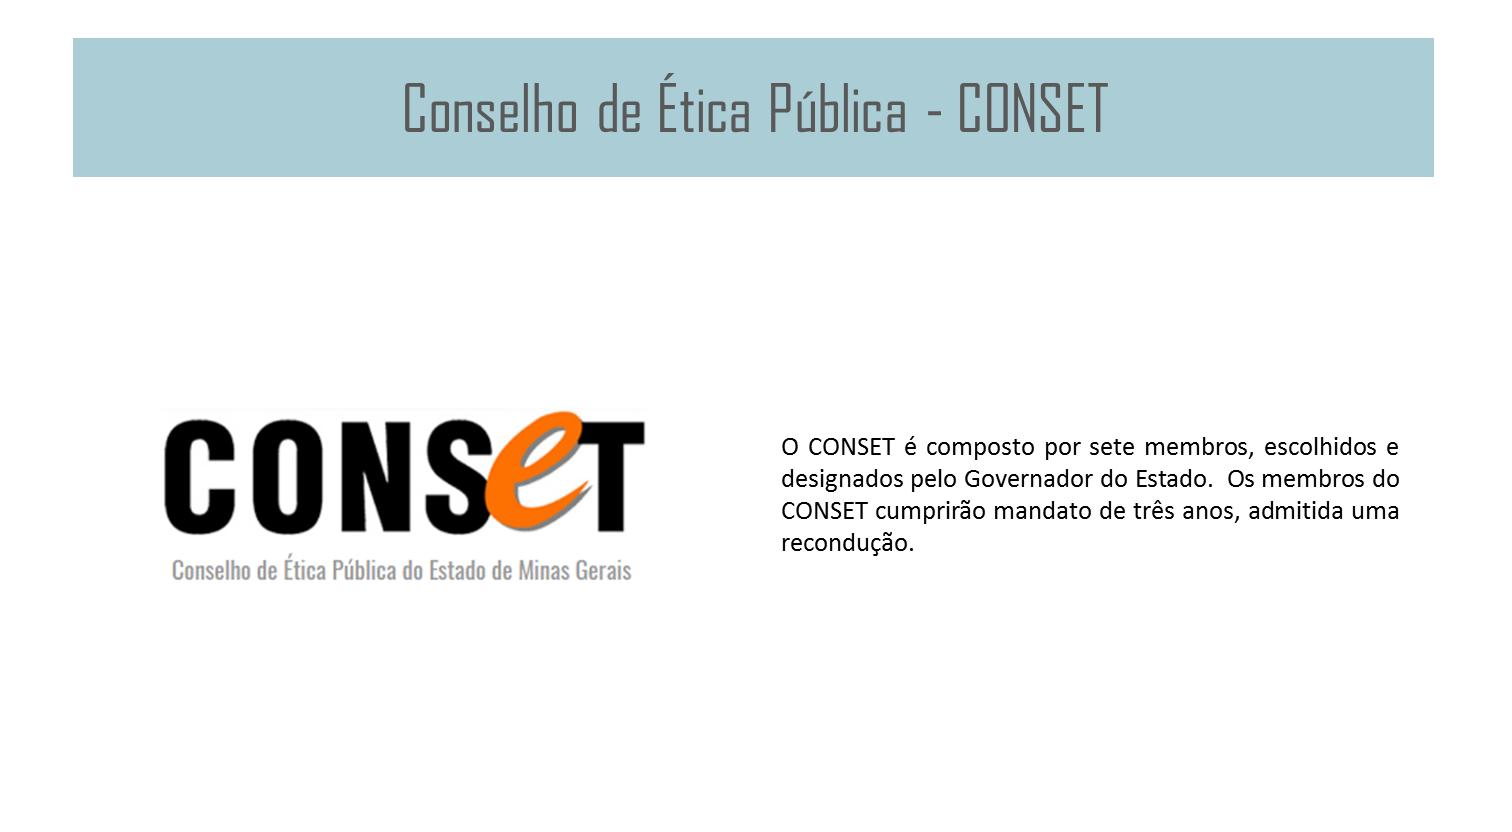 Conselho de Ética Pública - CONSET